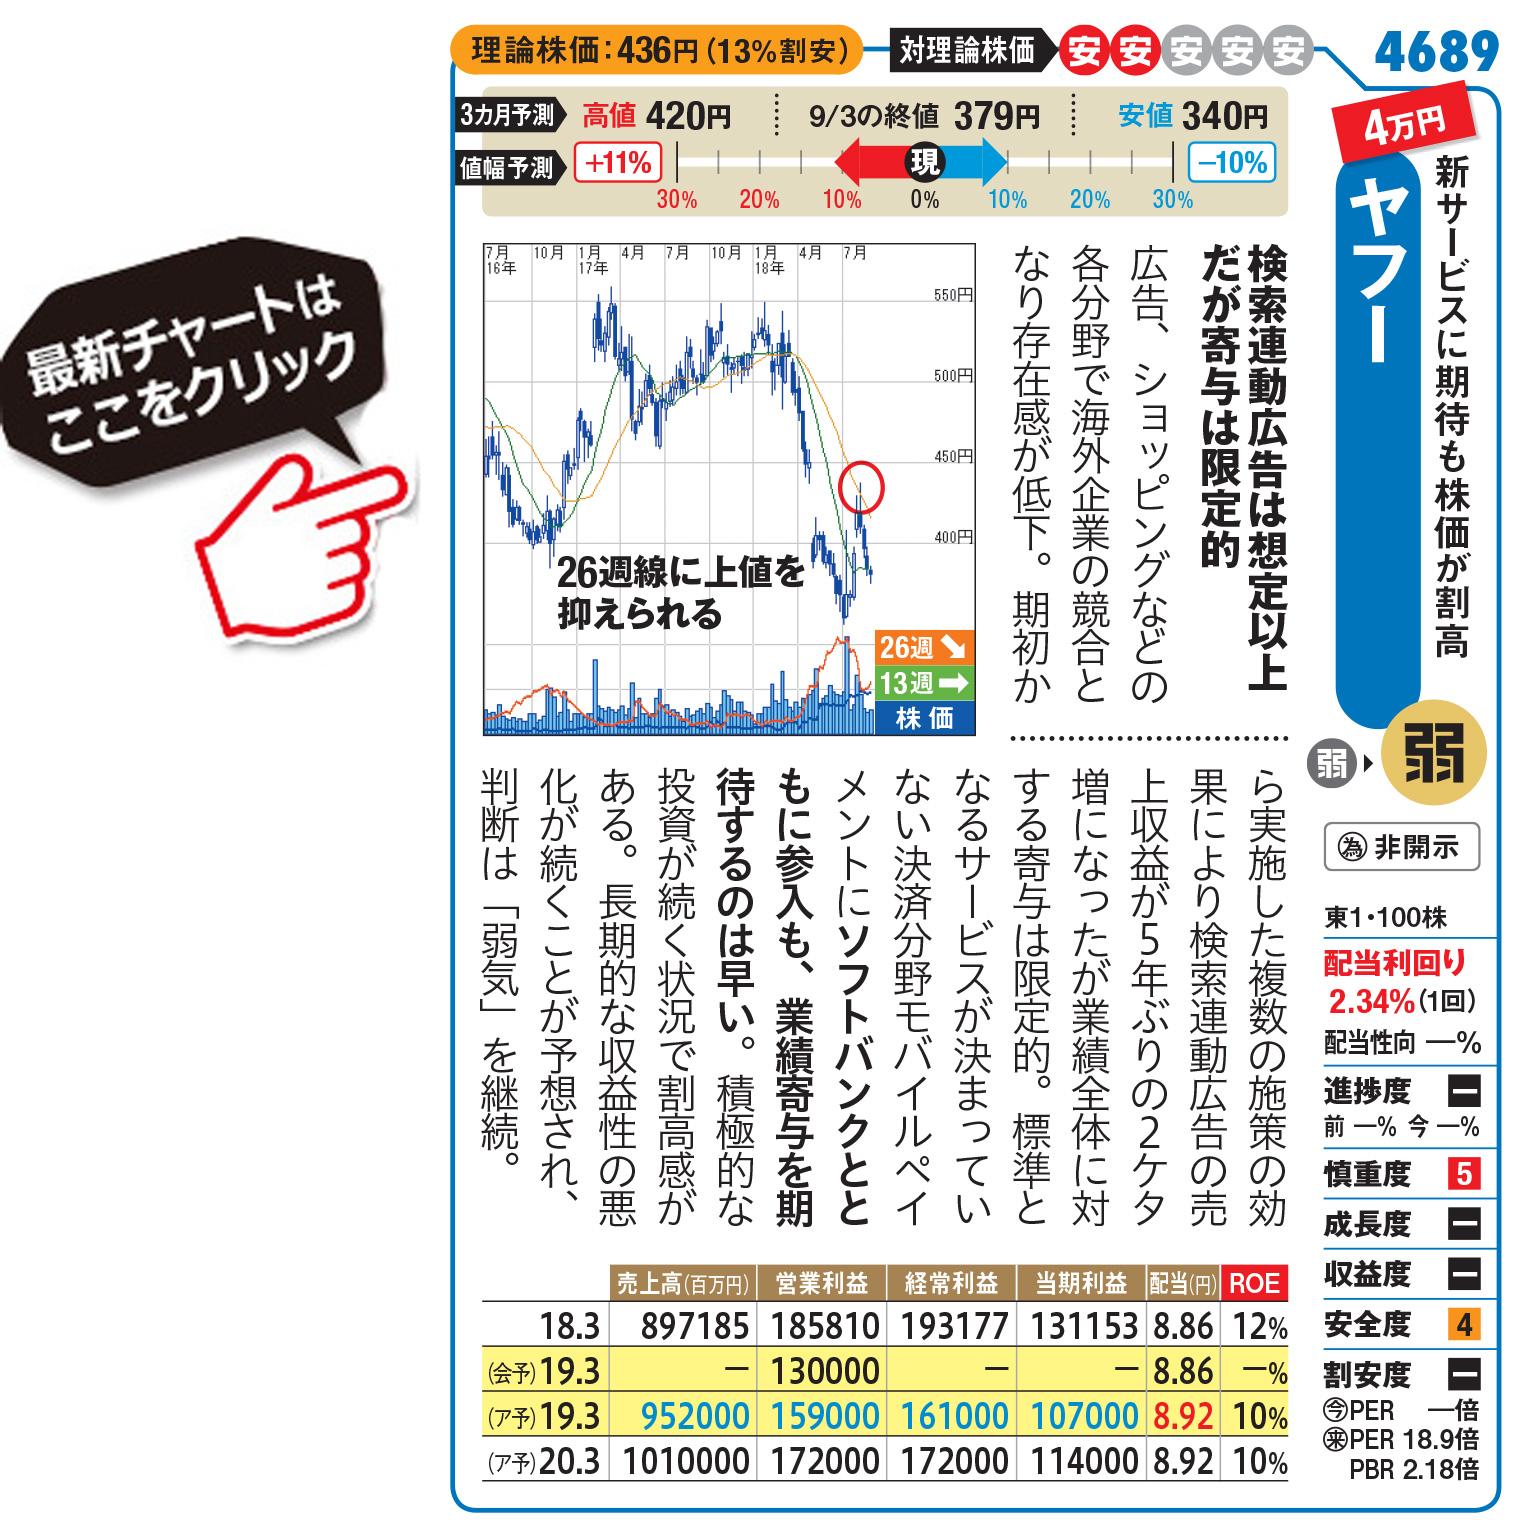 株価 グループ の みずほ フィナンシャル